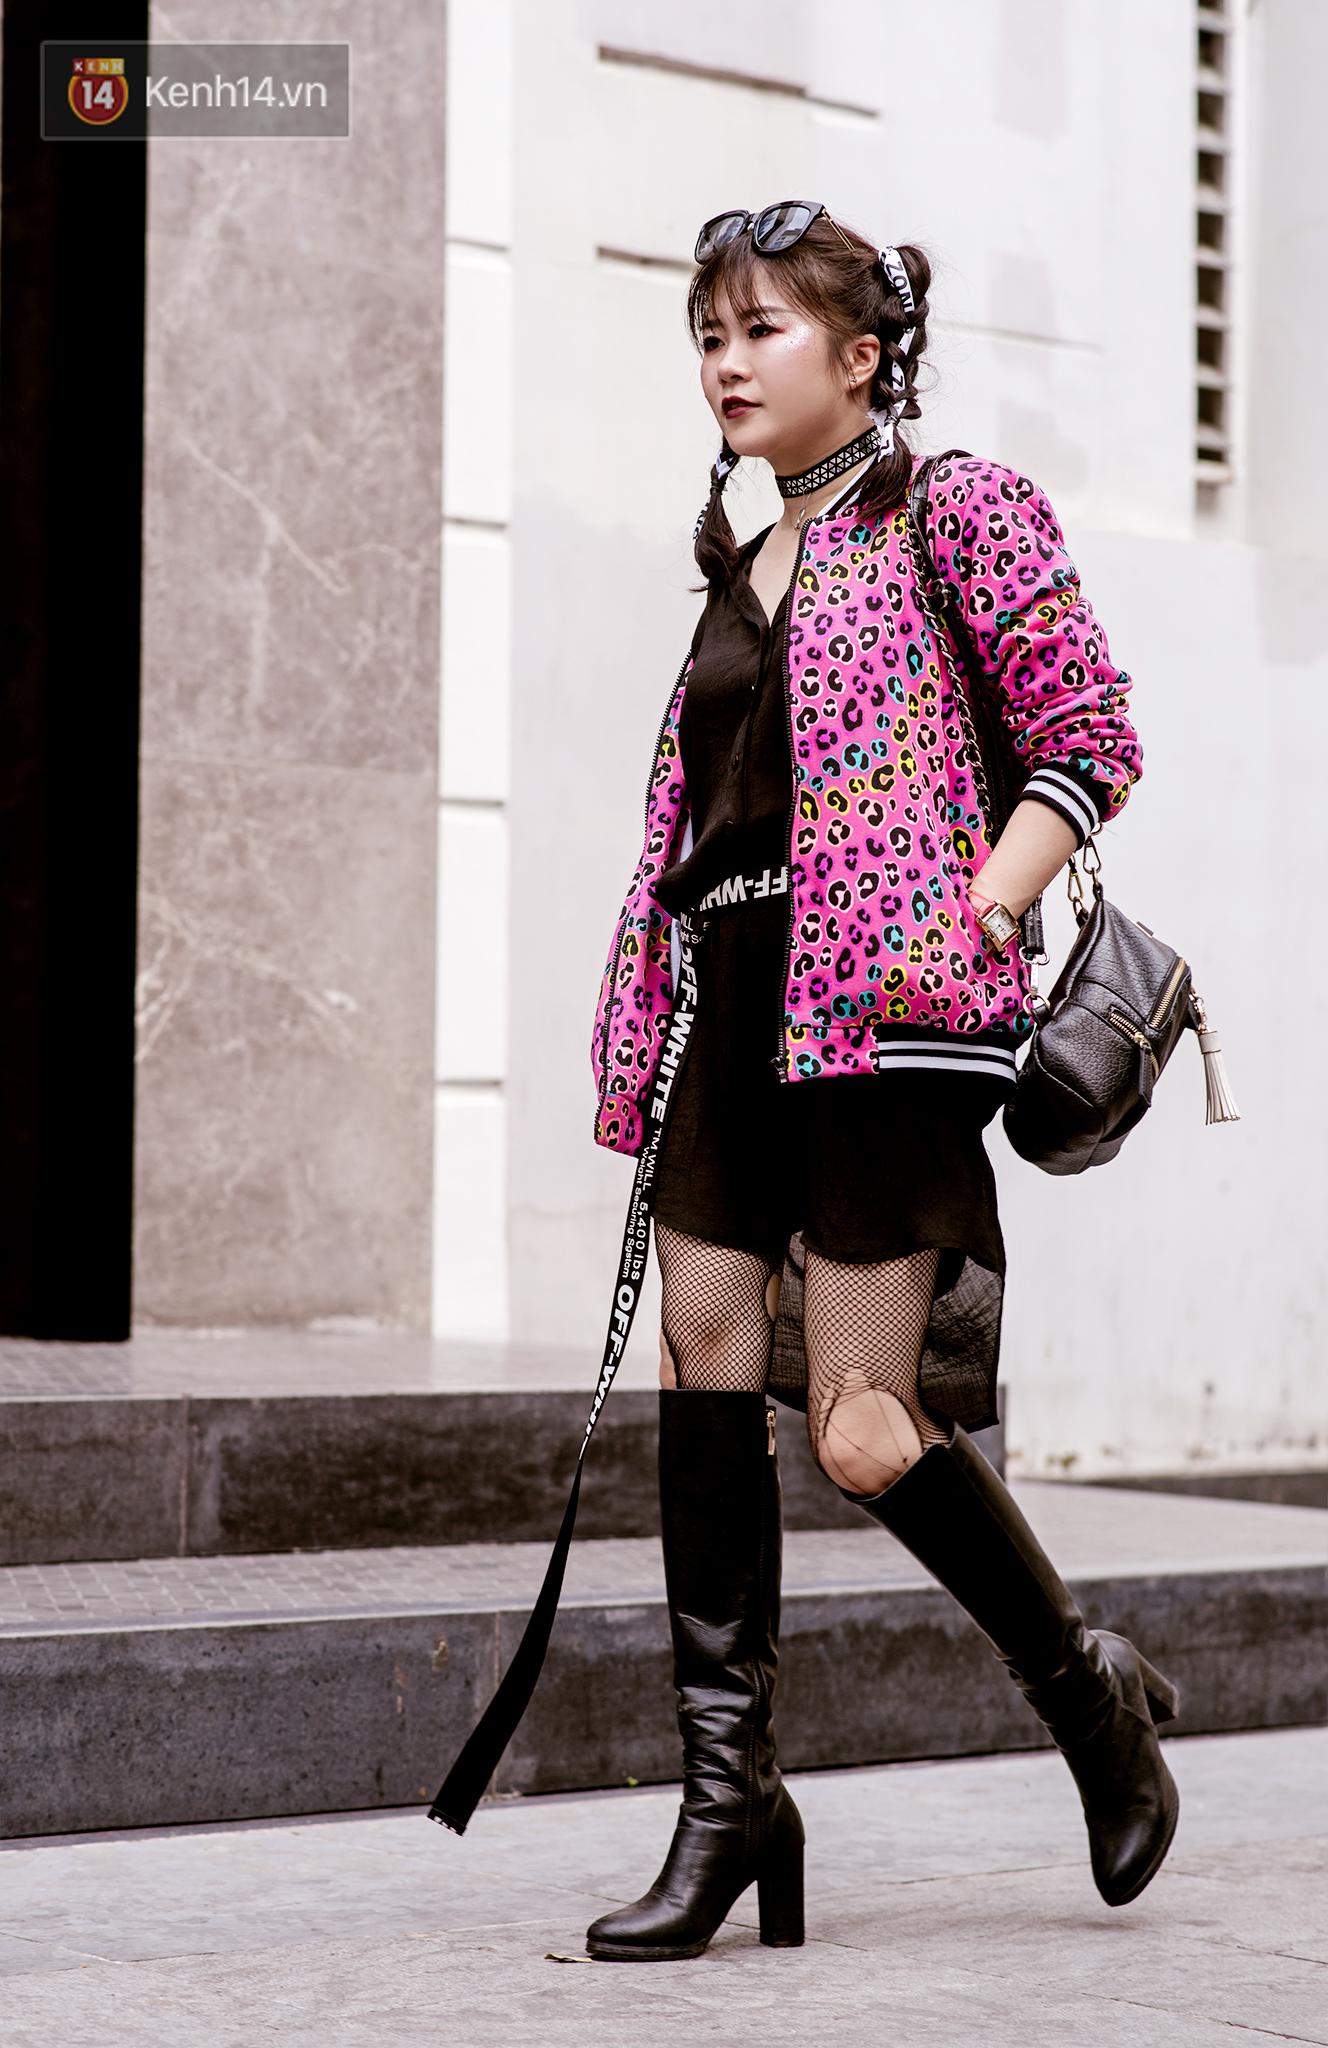 Street style 2 miền: Dù theo phong cách nữ tính hay cool ngầu, các bạn trẻ cũng mix đồ cực hay và diện toàn item trendy nhất - Ảnh 15.